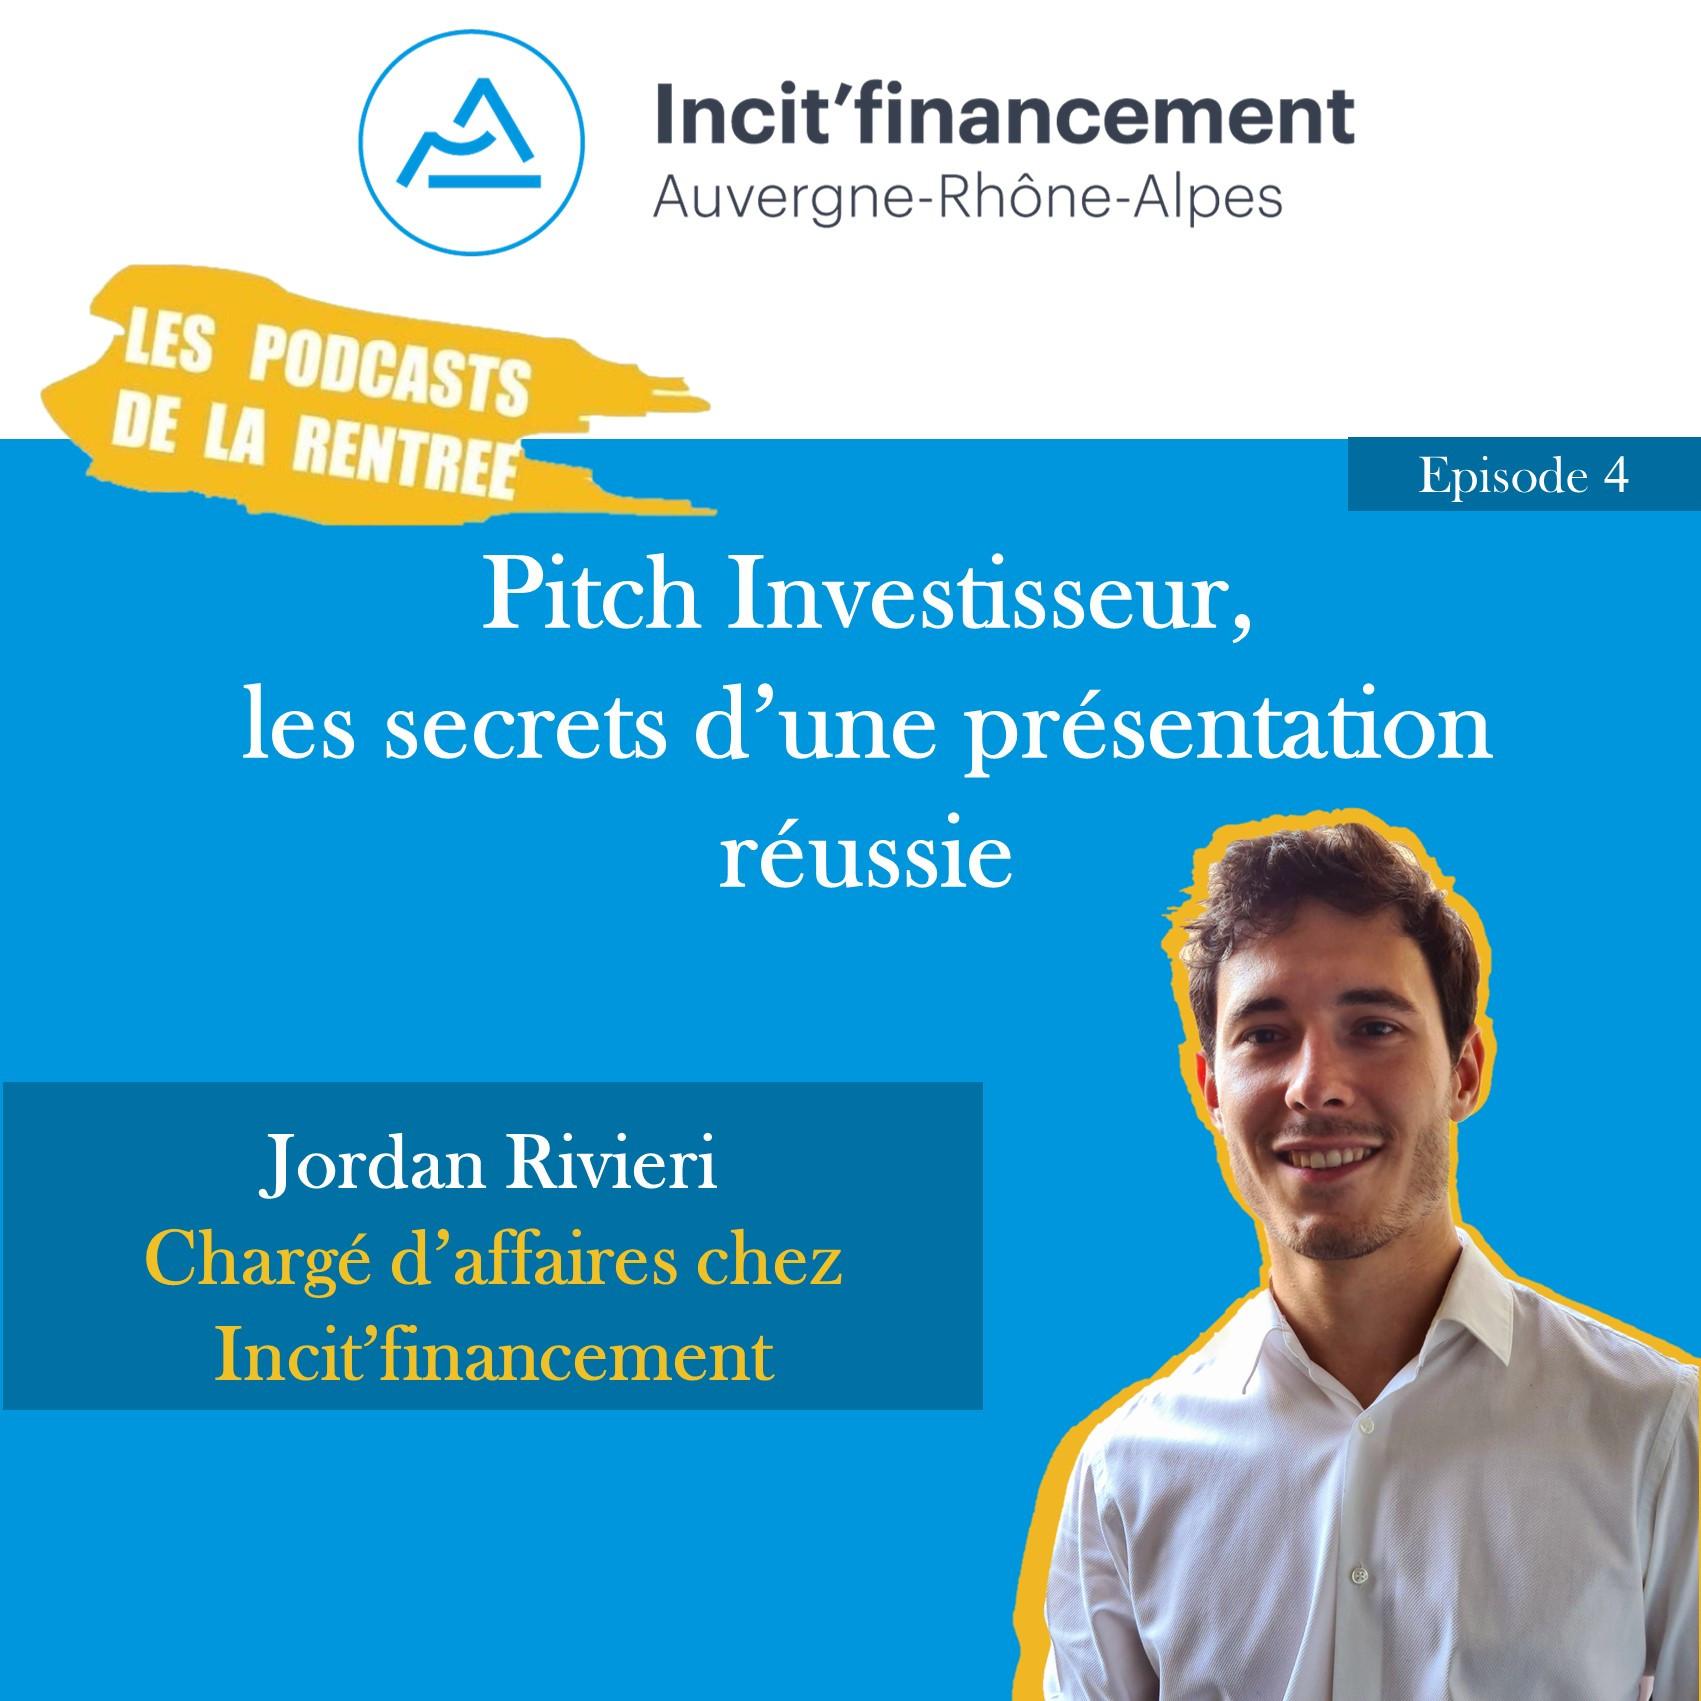 Episode 4 - Pitch investisseur, les secrets d'une présentation réussie ! - Jordan Rivieri